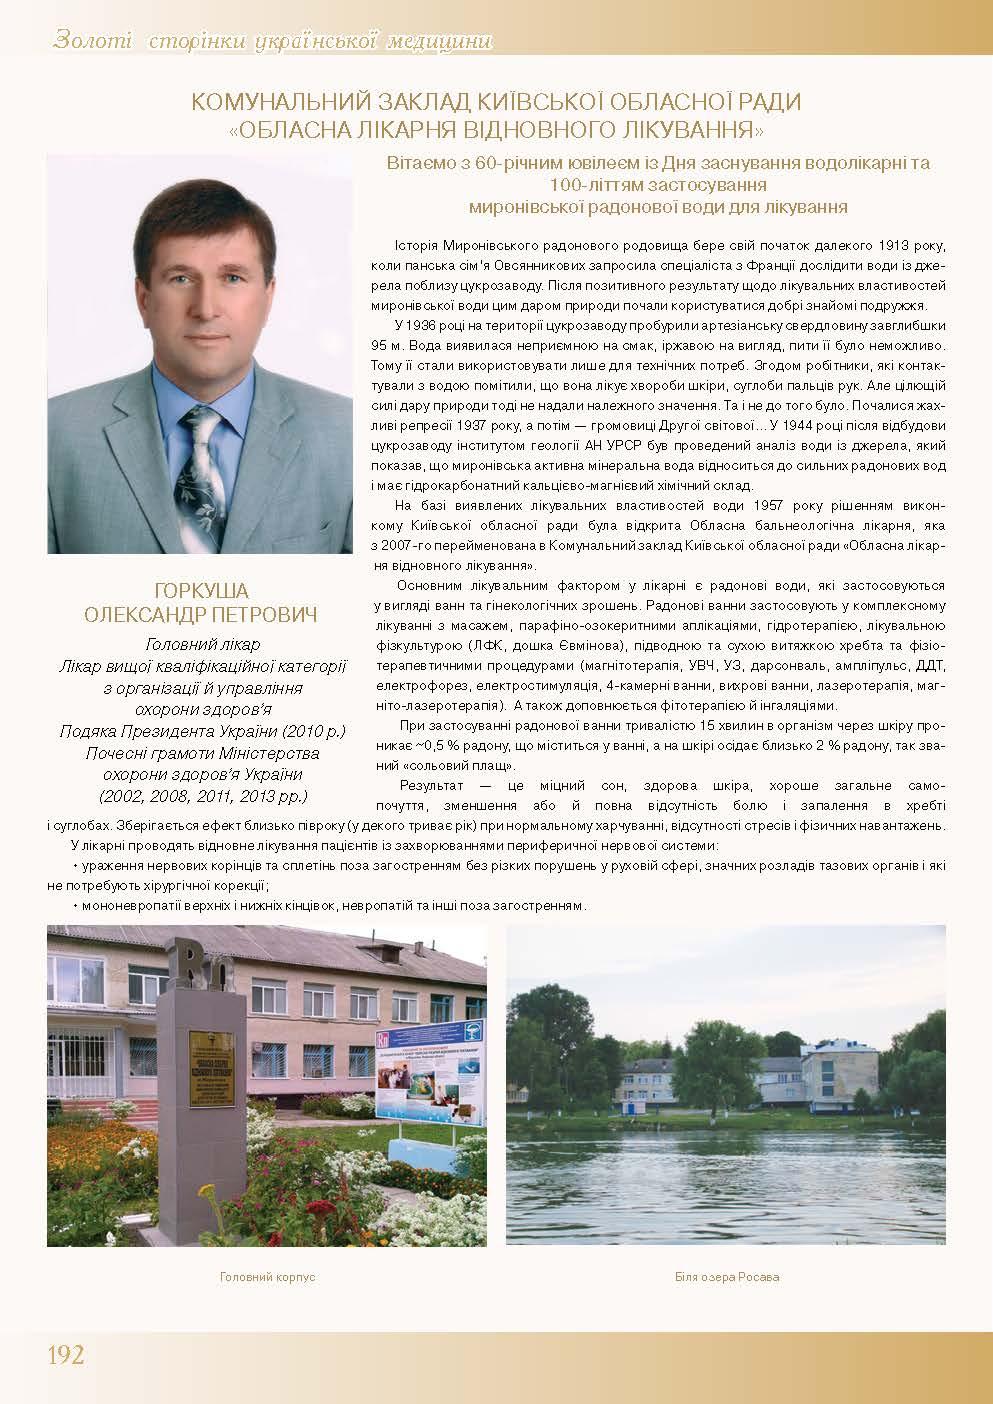 Комунальний заклад Київської обласної ради «Обласна лікарня відновного лікування»